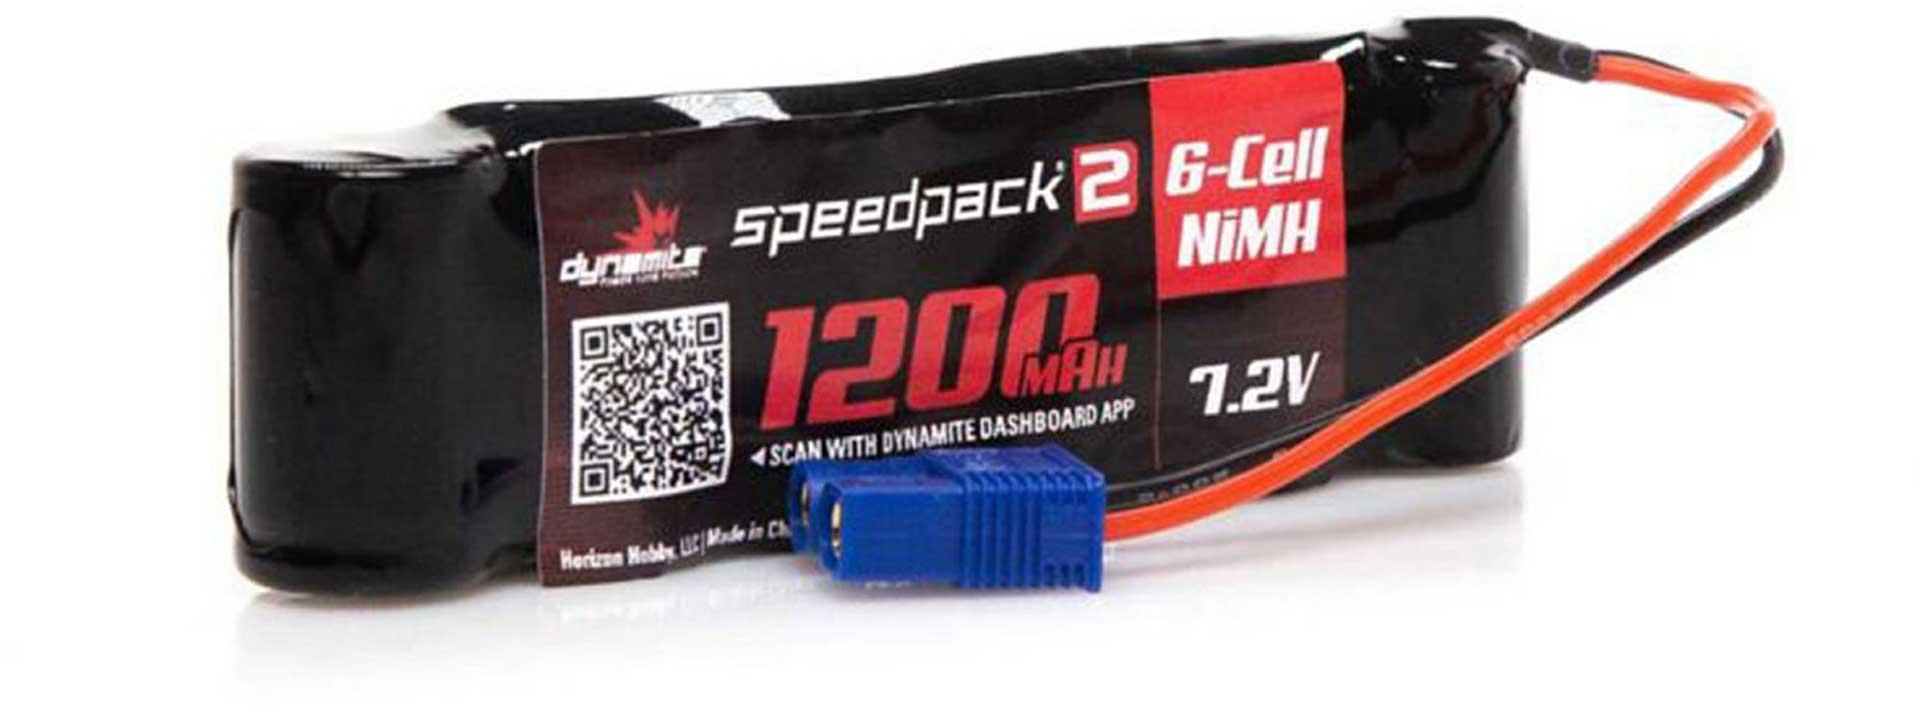 DYNAMITE SPEEDPACK2 7.2V 1200MAH 6 CELL NIMH LONG MINIS EC-3